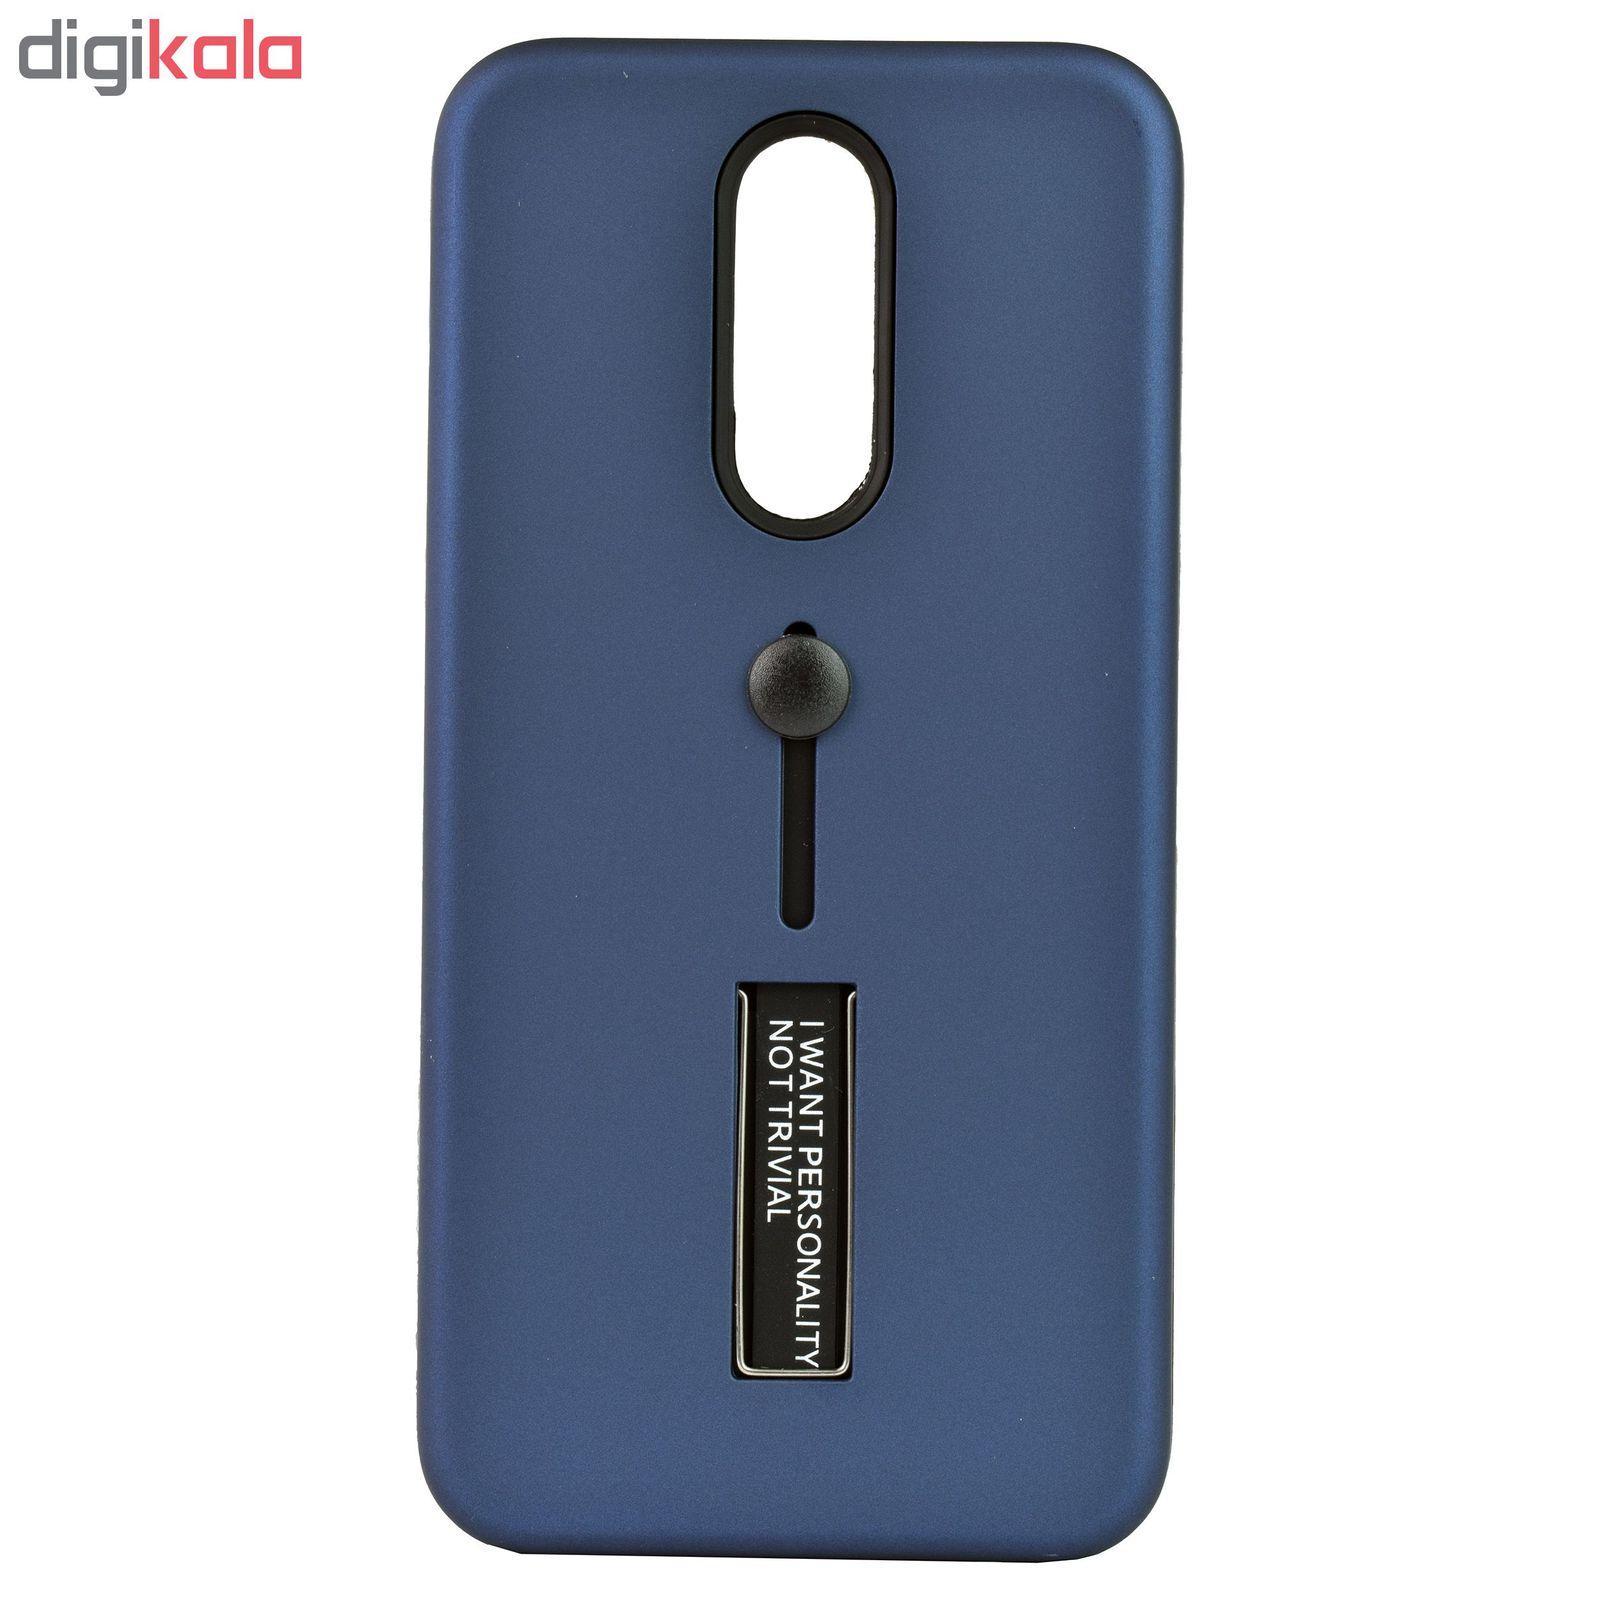 مشخصات قیمت و خرید کاور مدل Fas20 مناسب برای گوشی موبایل شیائومی Redmi 8 دیجی کالا